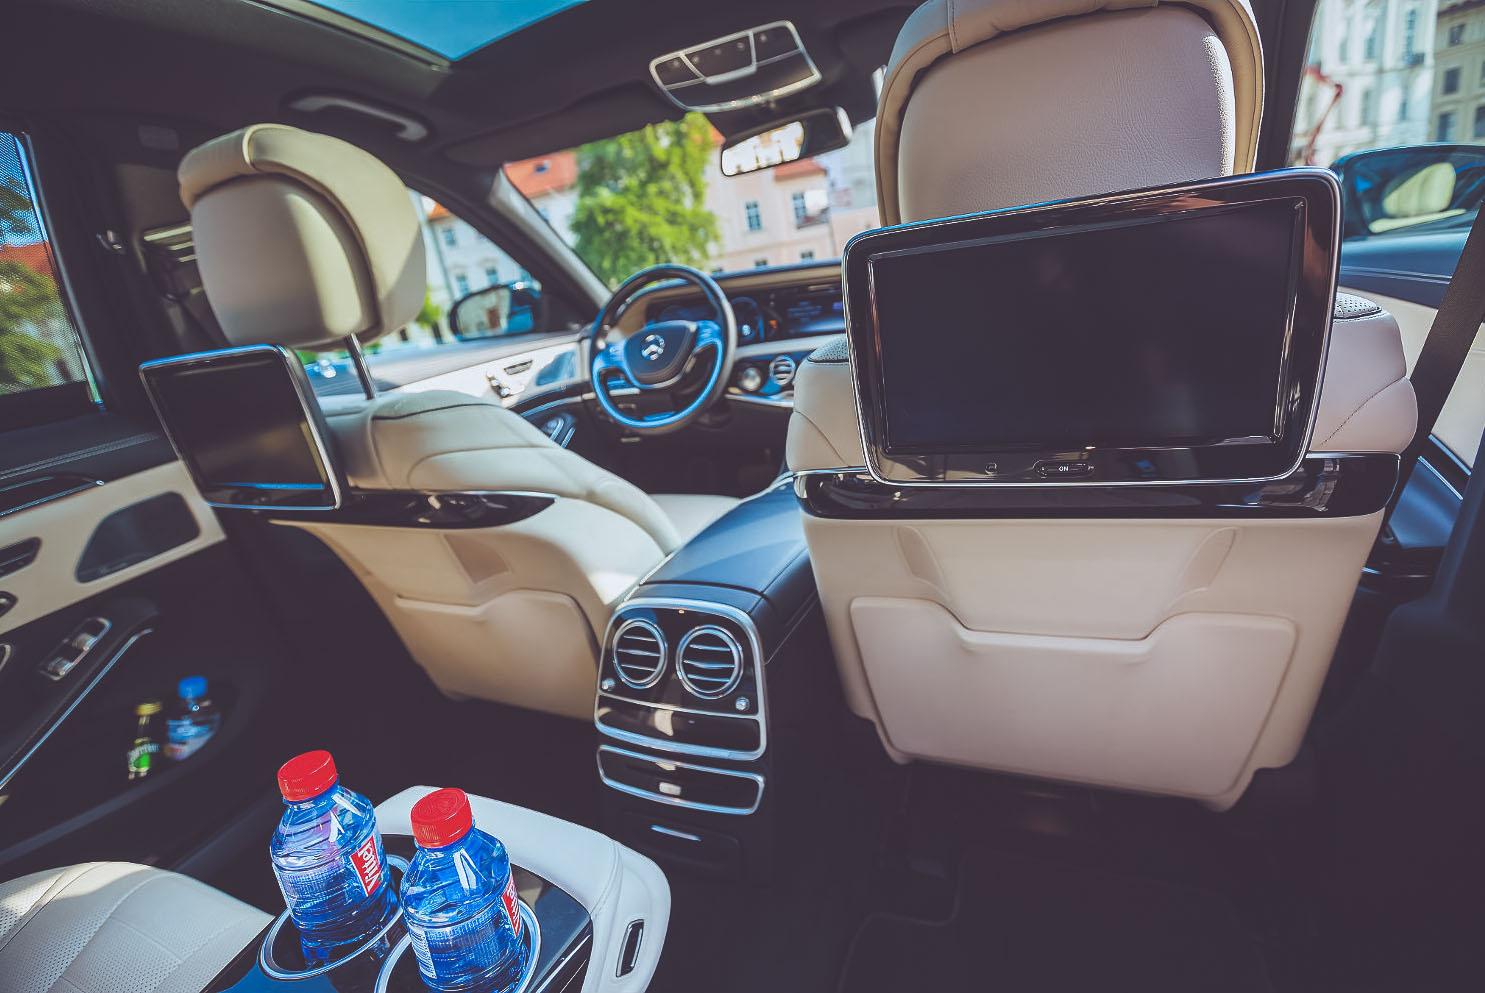 Pohled do Mercedes-Benz S-Class, kde je vidět výbava auta k pronájmu s řidičem. Dvě pitné vody v opěrátku, tv na zadních sedačkách. Bílá kůže a celkový luxusní vzhled